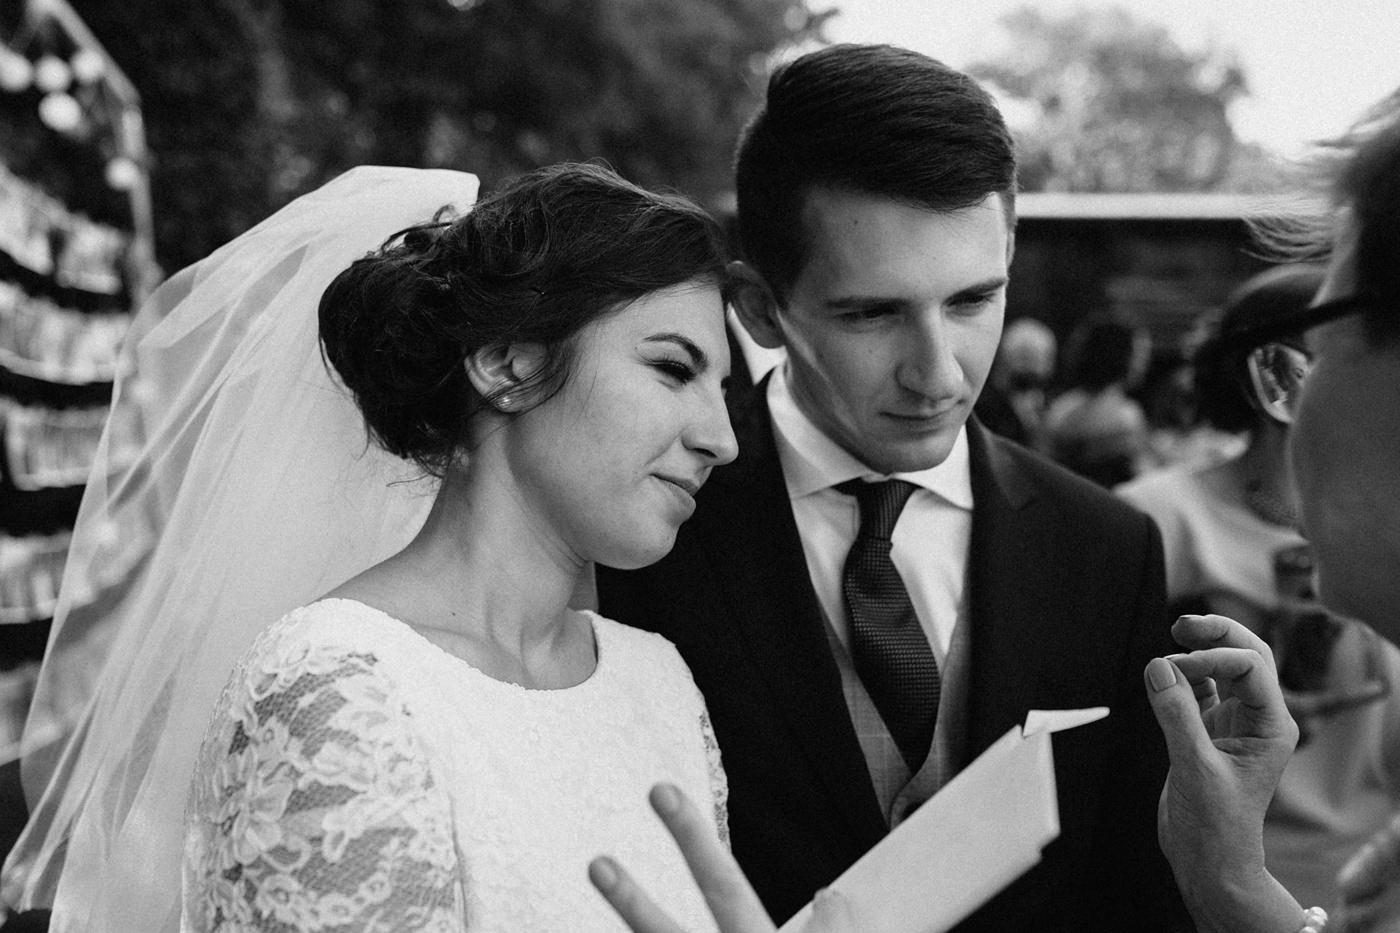 Dominika & Aleksander - Rustykalne wesele w stodole - Baborówko 91